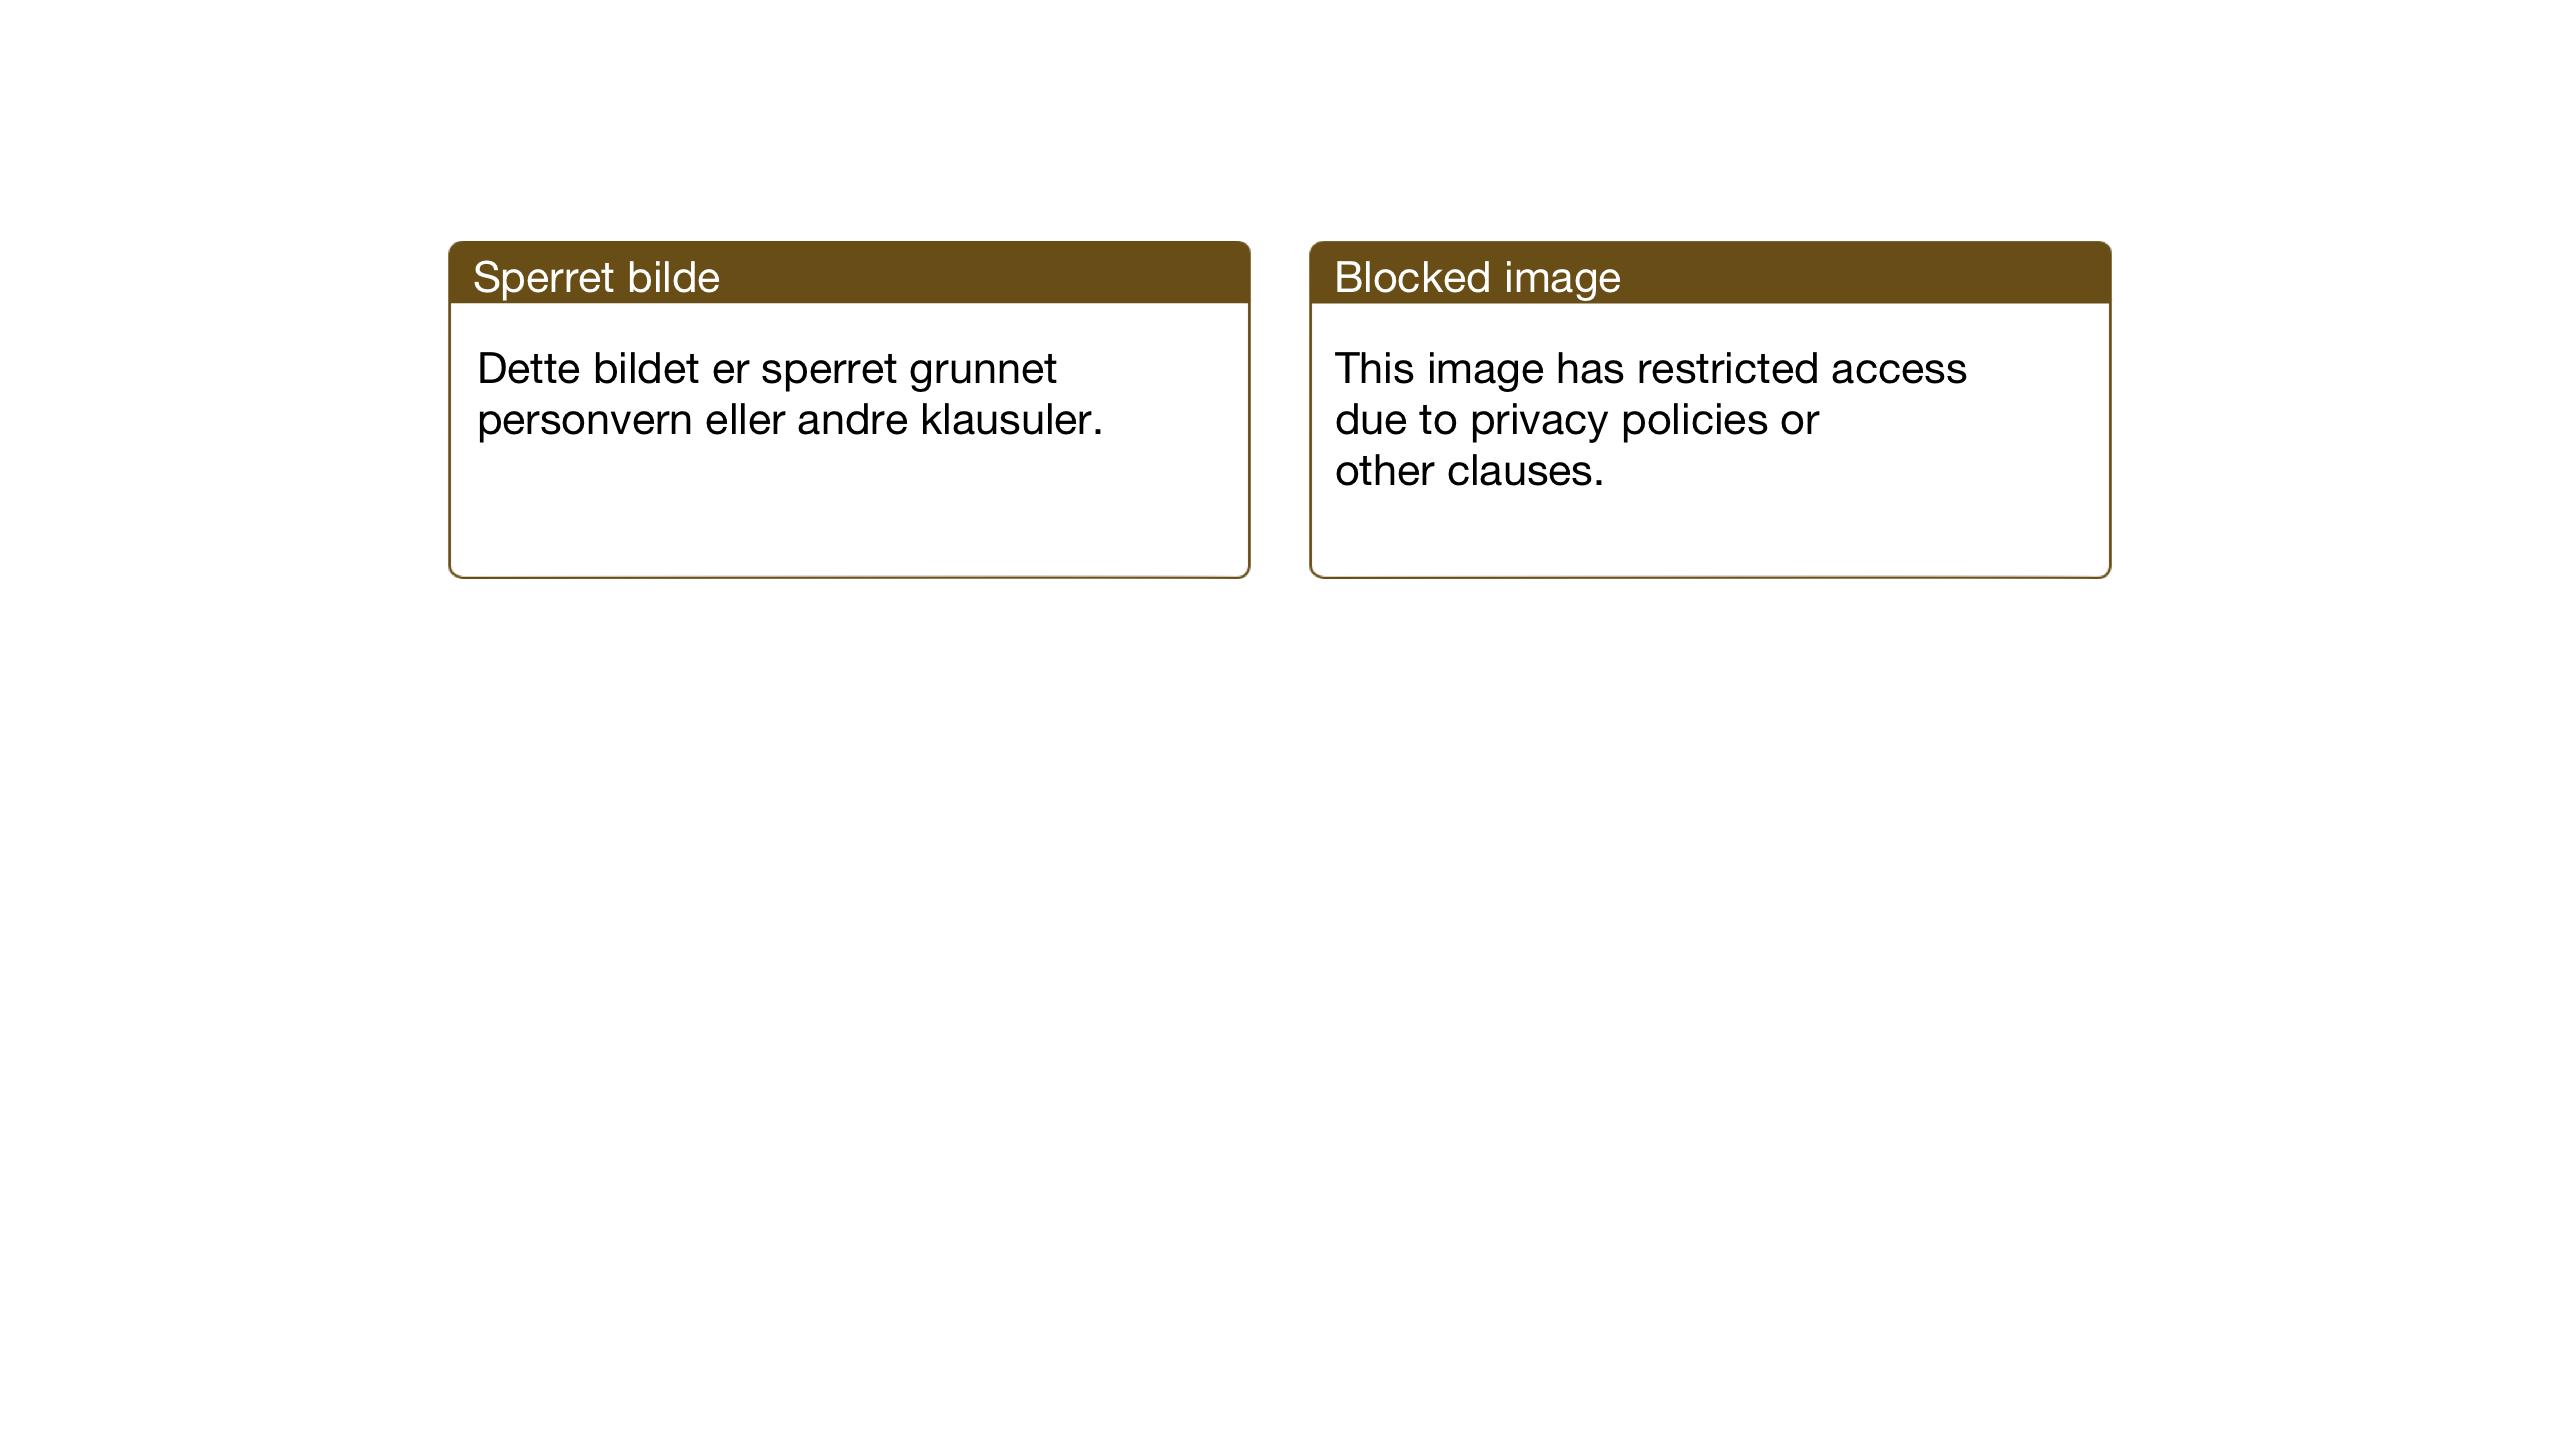 SAT, Ministerialprotokoller, klokkerbøker og fødselsregistre - Sør-Trøndelag, 667/L0799: Klokkerbok nr. 667C04, 1929-1950, s. 77